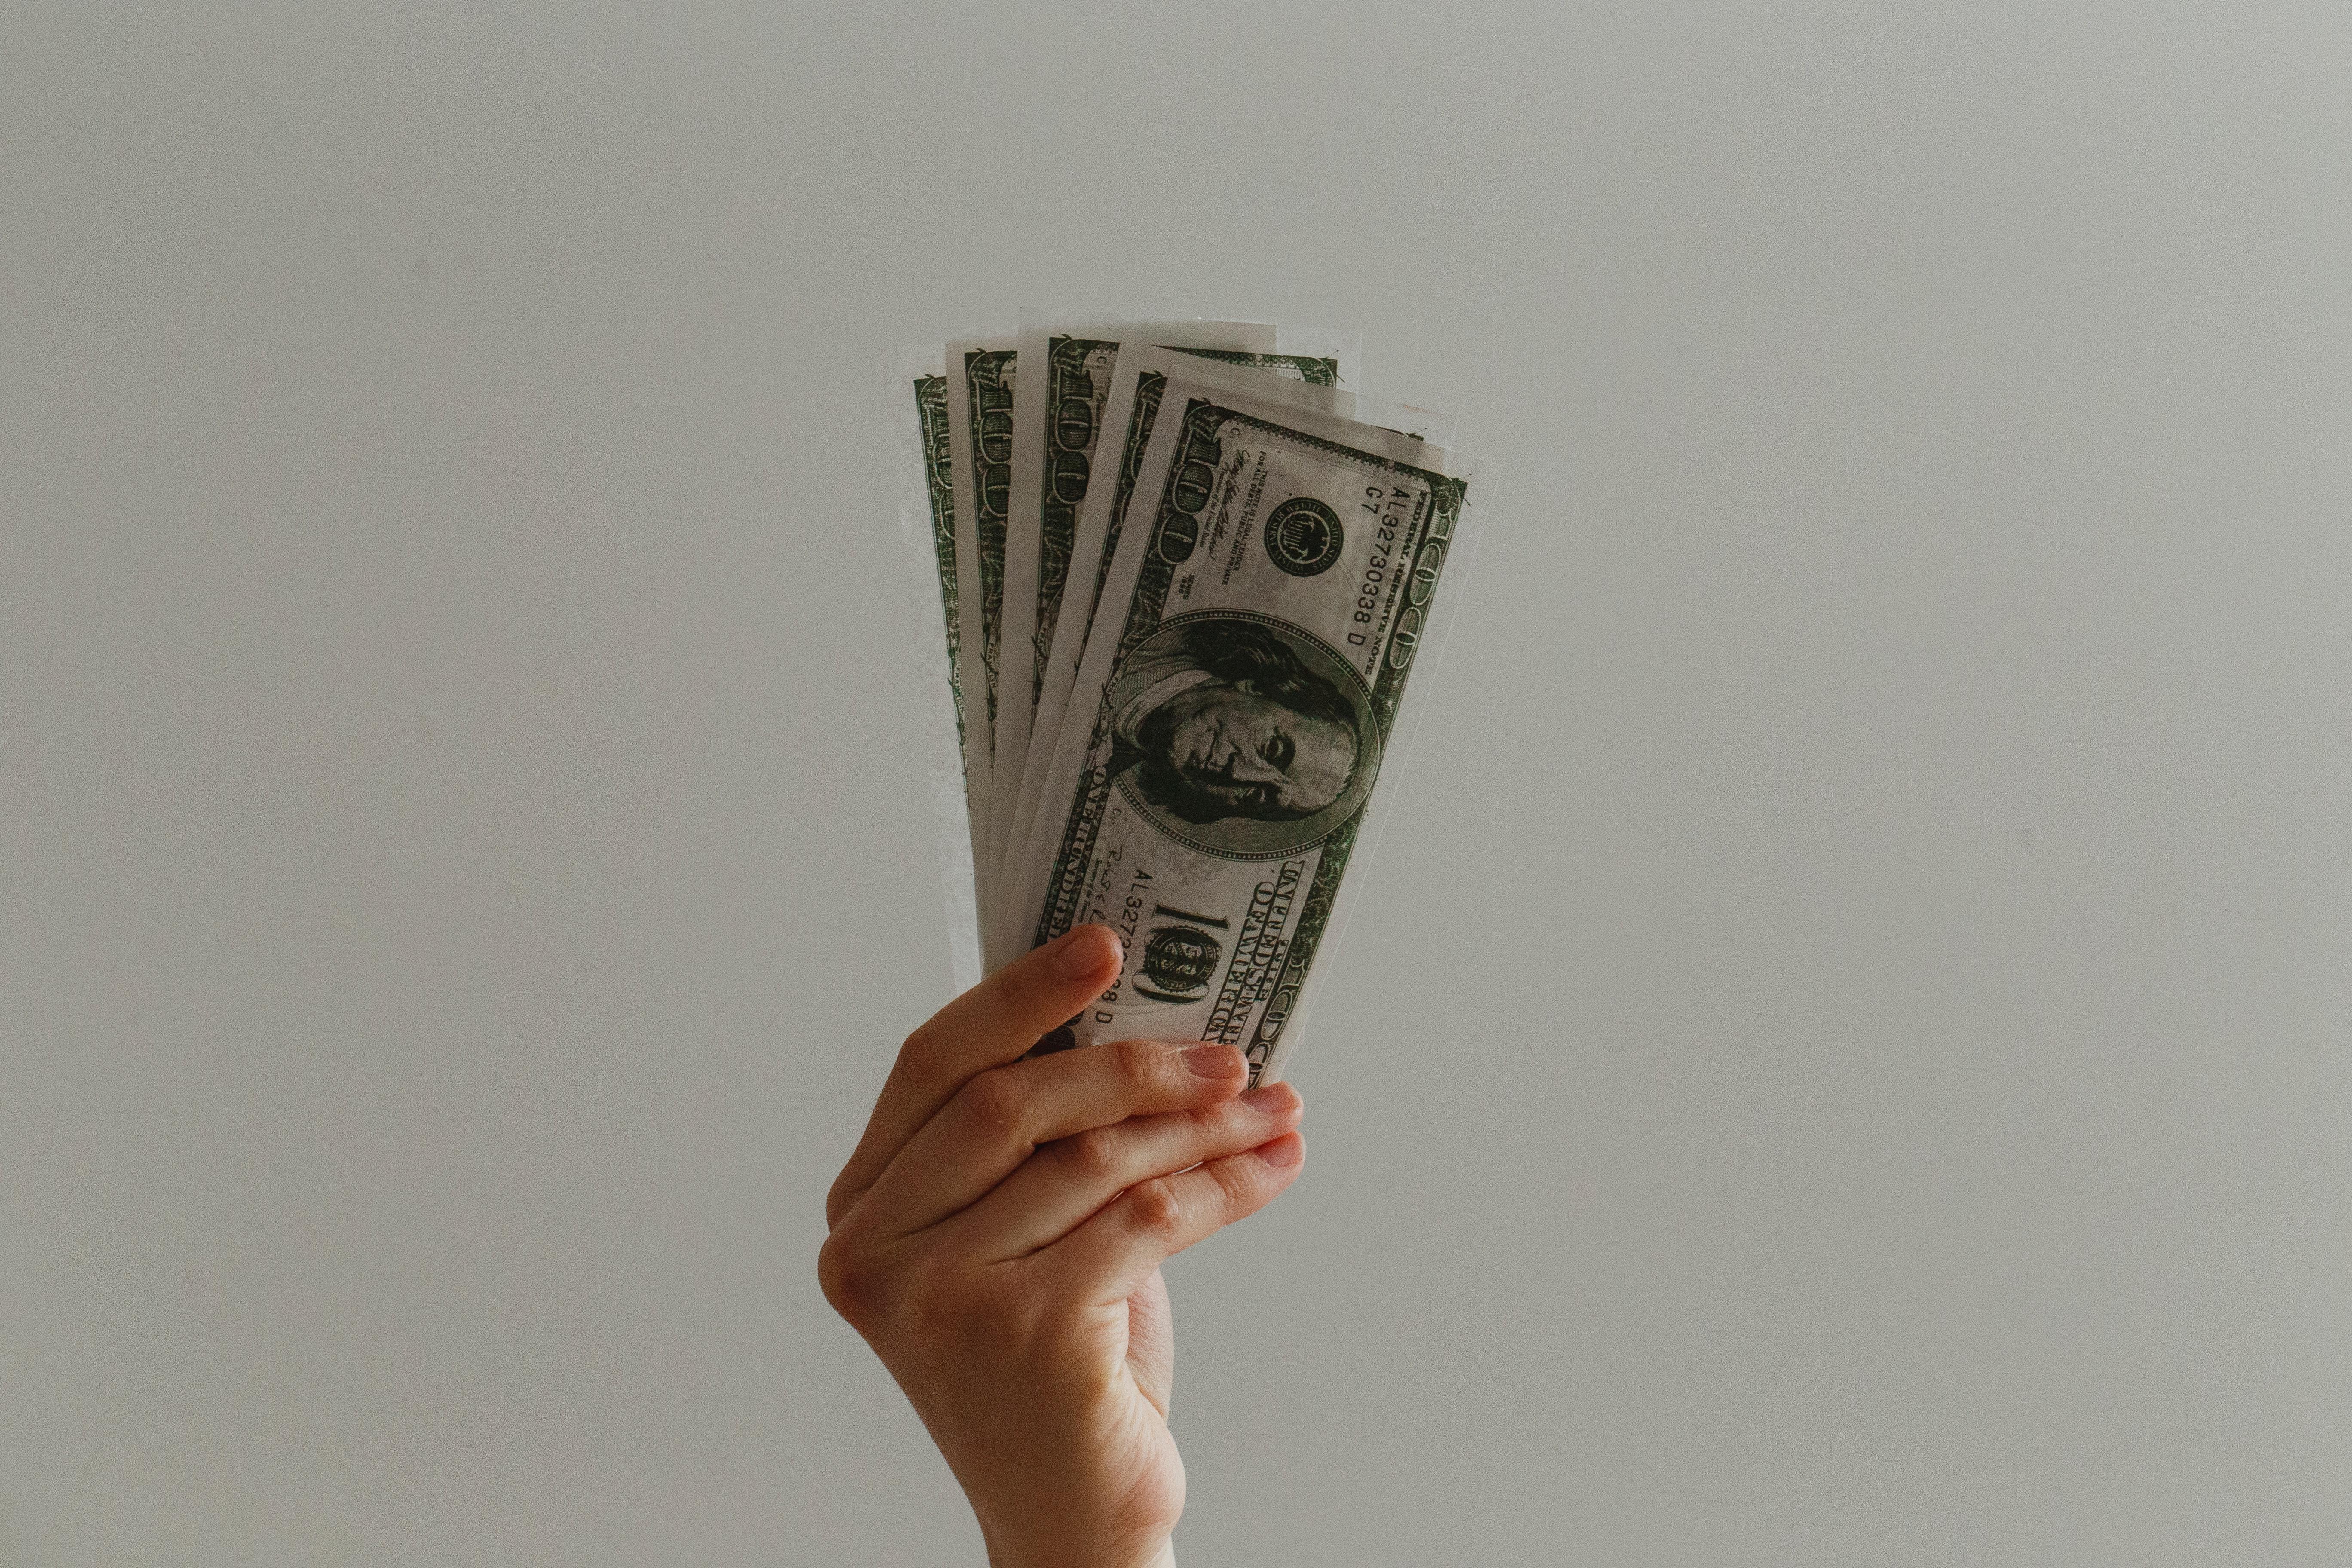 Hand holding one hundred dollar bills